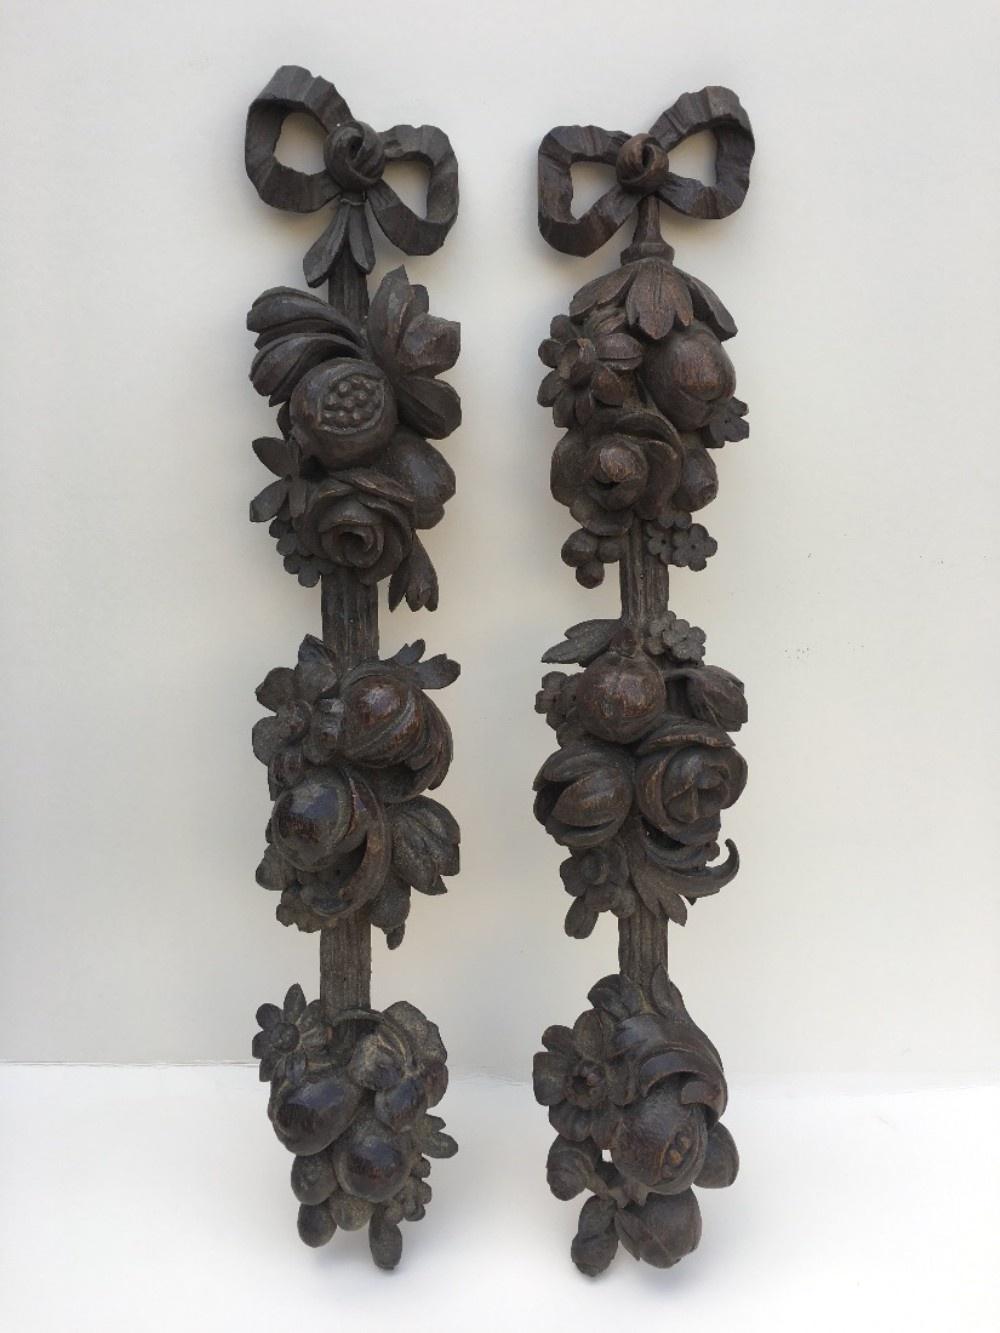 pair of carved oak wall hangings